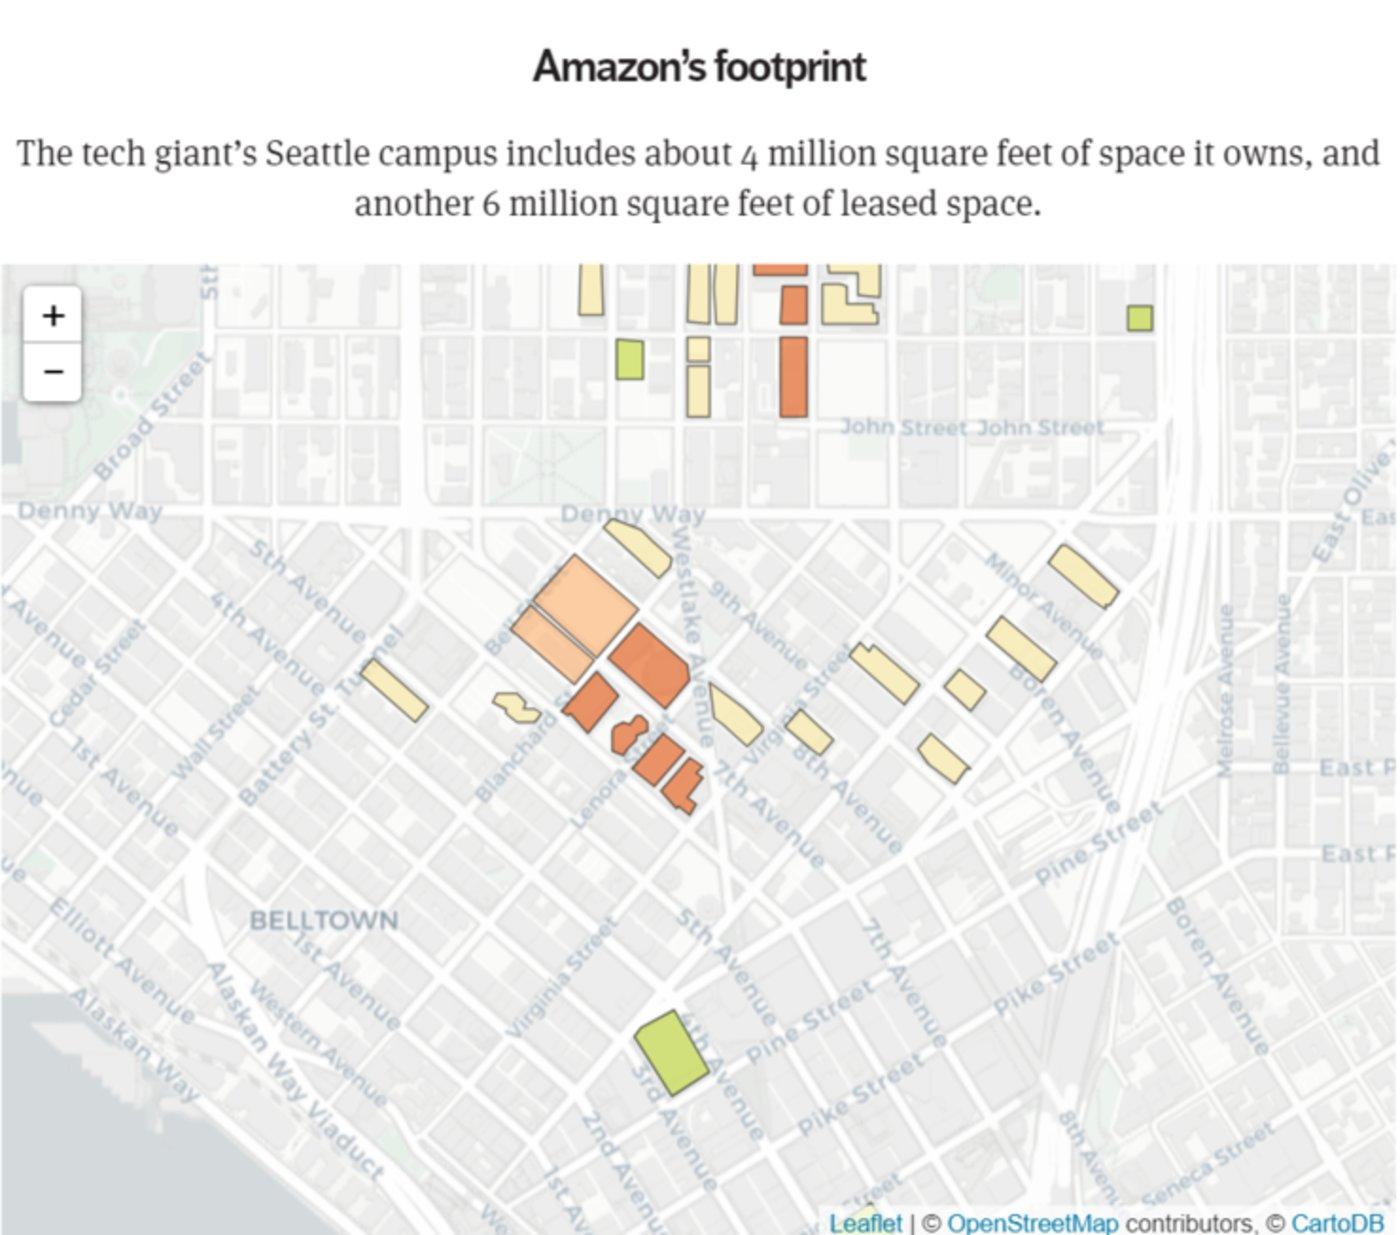 亚马逊在西雅图的占地面积